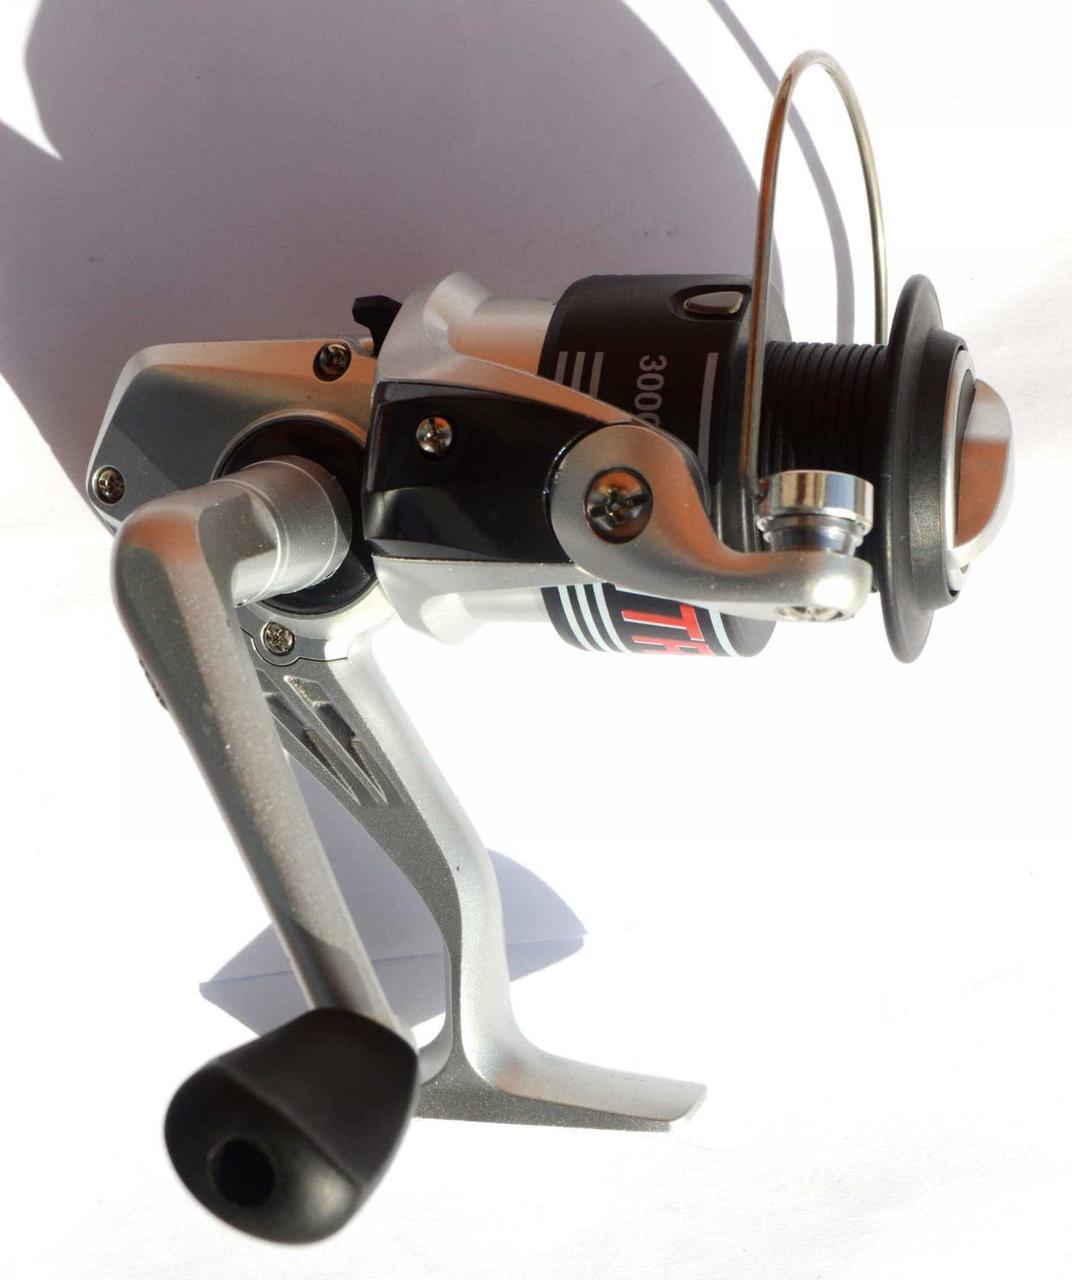 Катушка для рыбалки Брат Фишинг, NITRO 3000 FD, 4 подш.